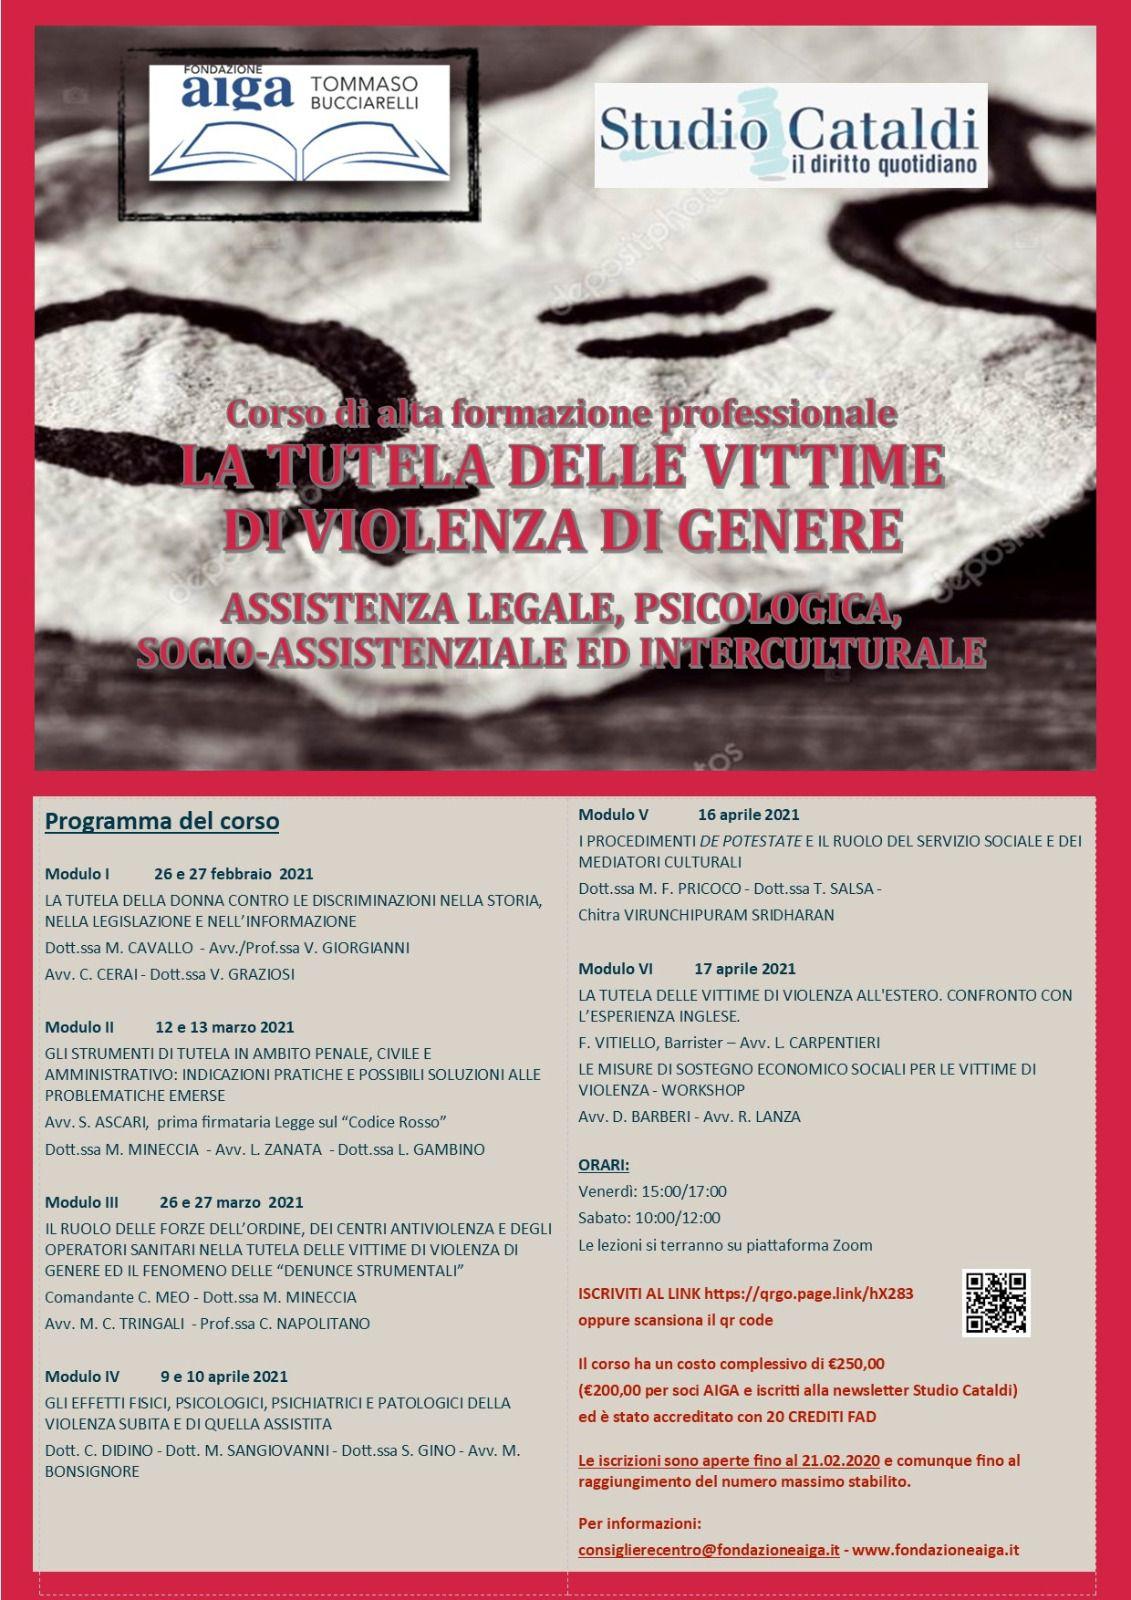 Vittime della violenza di genere, al via il corso di formazione della Fondazione Bucciarelli